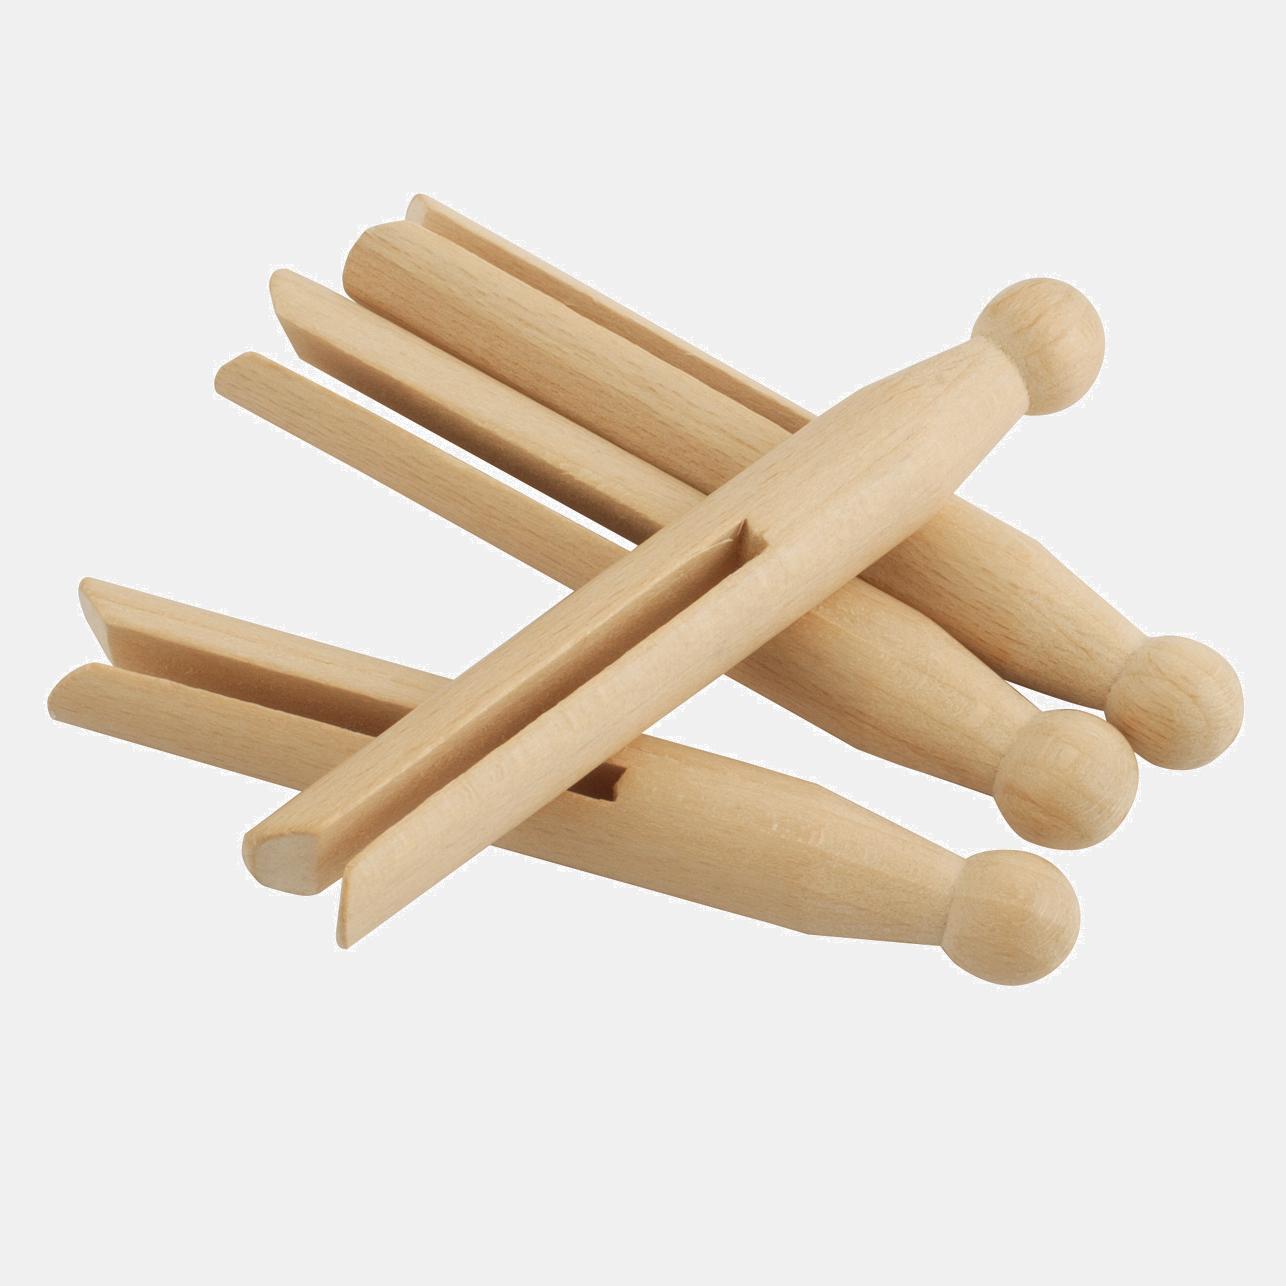 Set de 25 cârlige pentru rufe old-school, din lemn natural cerat, netratat. Retro, ca pe vremuri în grădina bunicii.